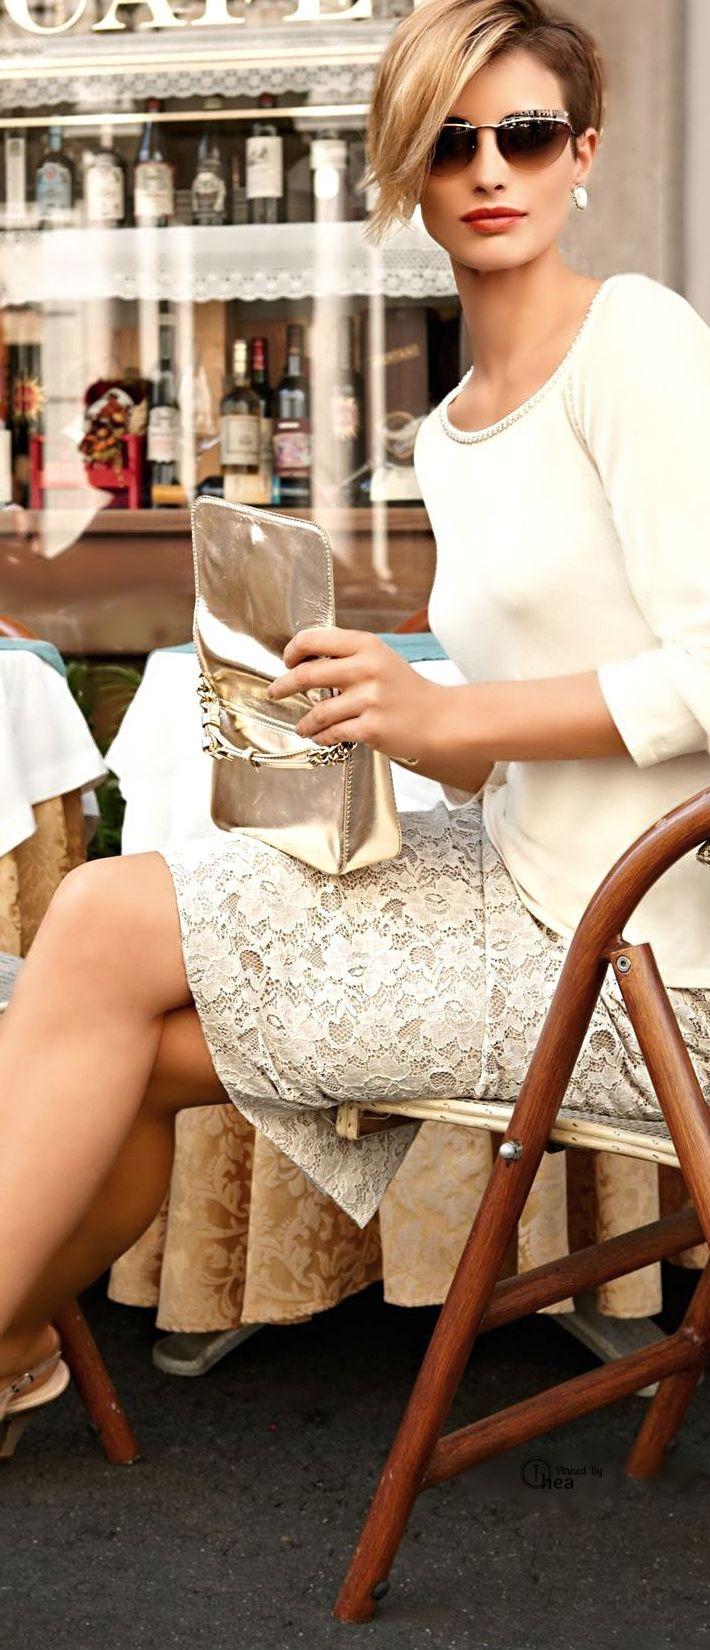 El pixie elegante está de moda cortes de pelo cortes carré